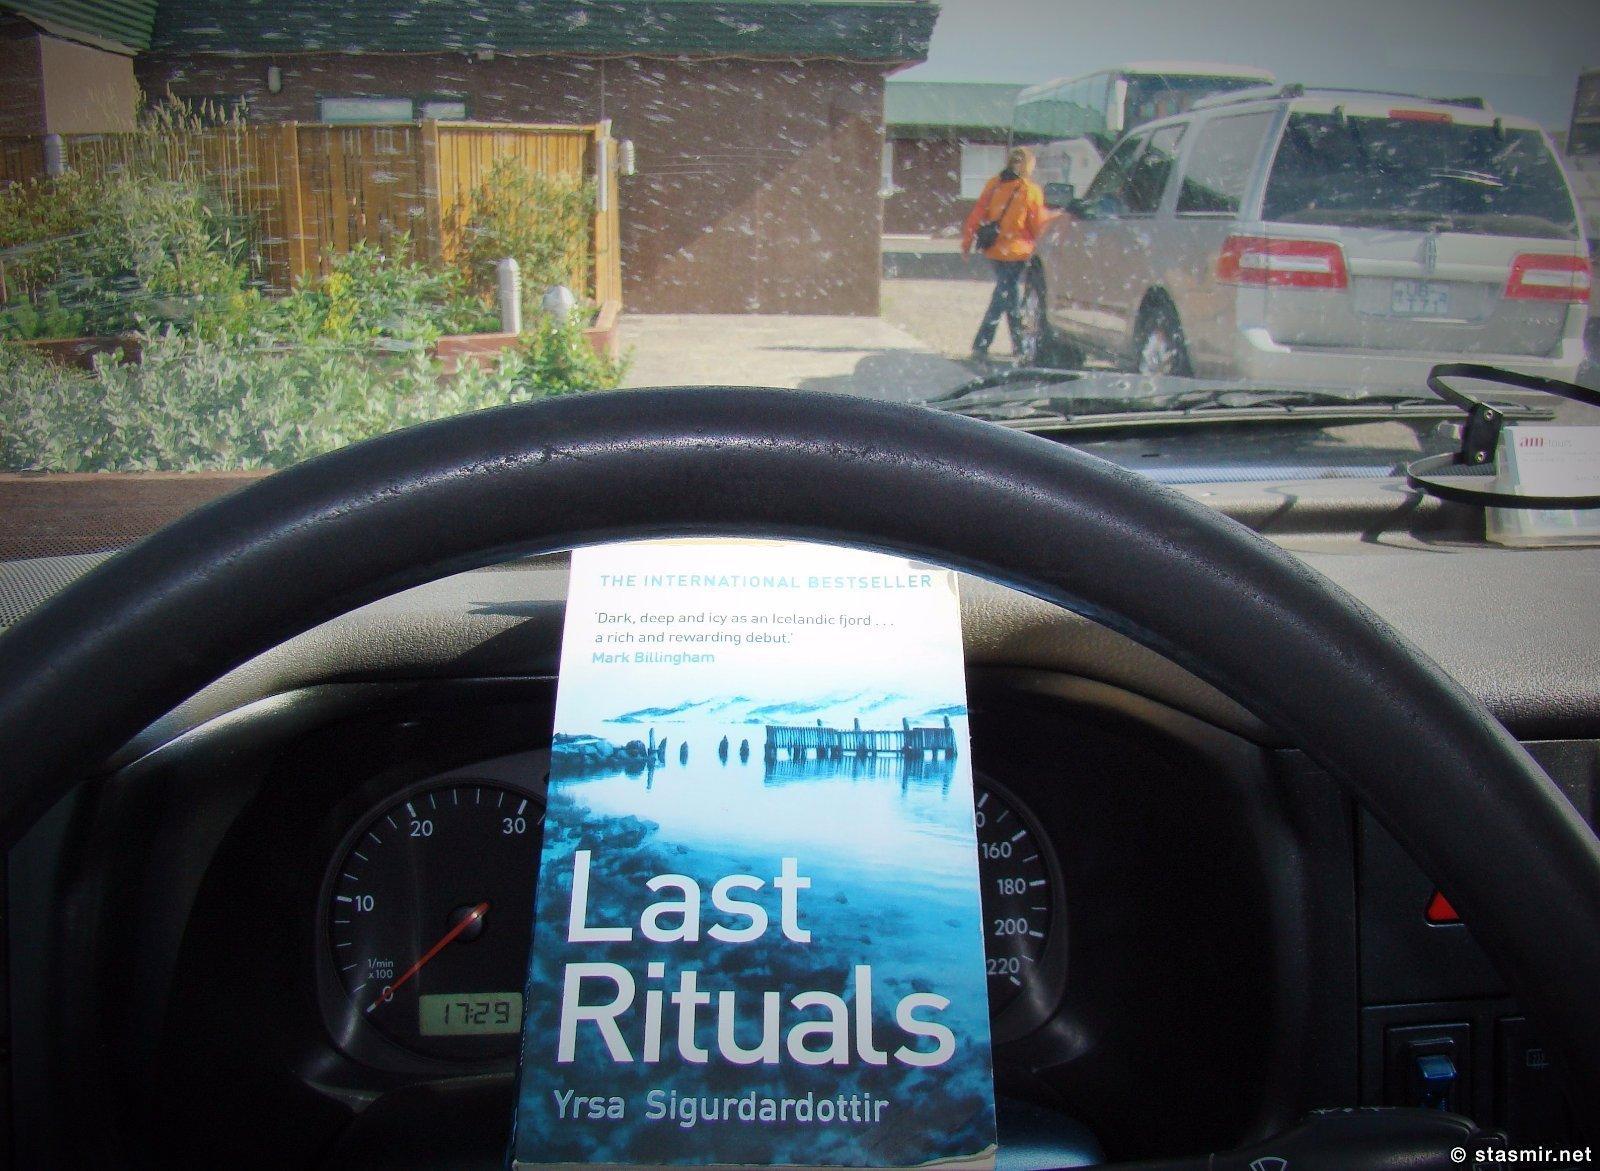 Ирса Сигурдардоттир, Последние ритуалы, исландские детективы, исландская литература, исландские писатели, исландский детектив, Photo Stasmir